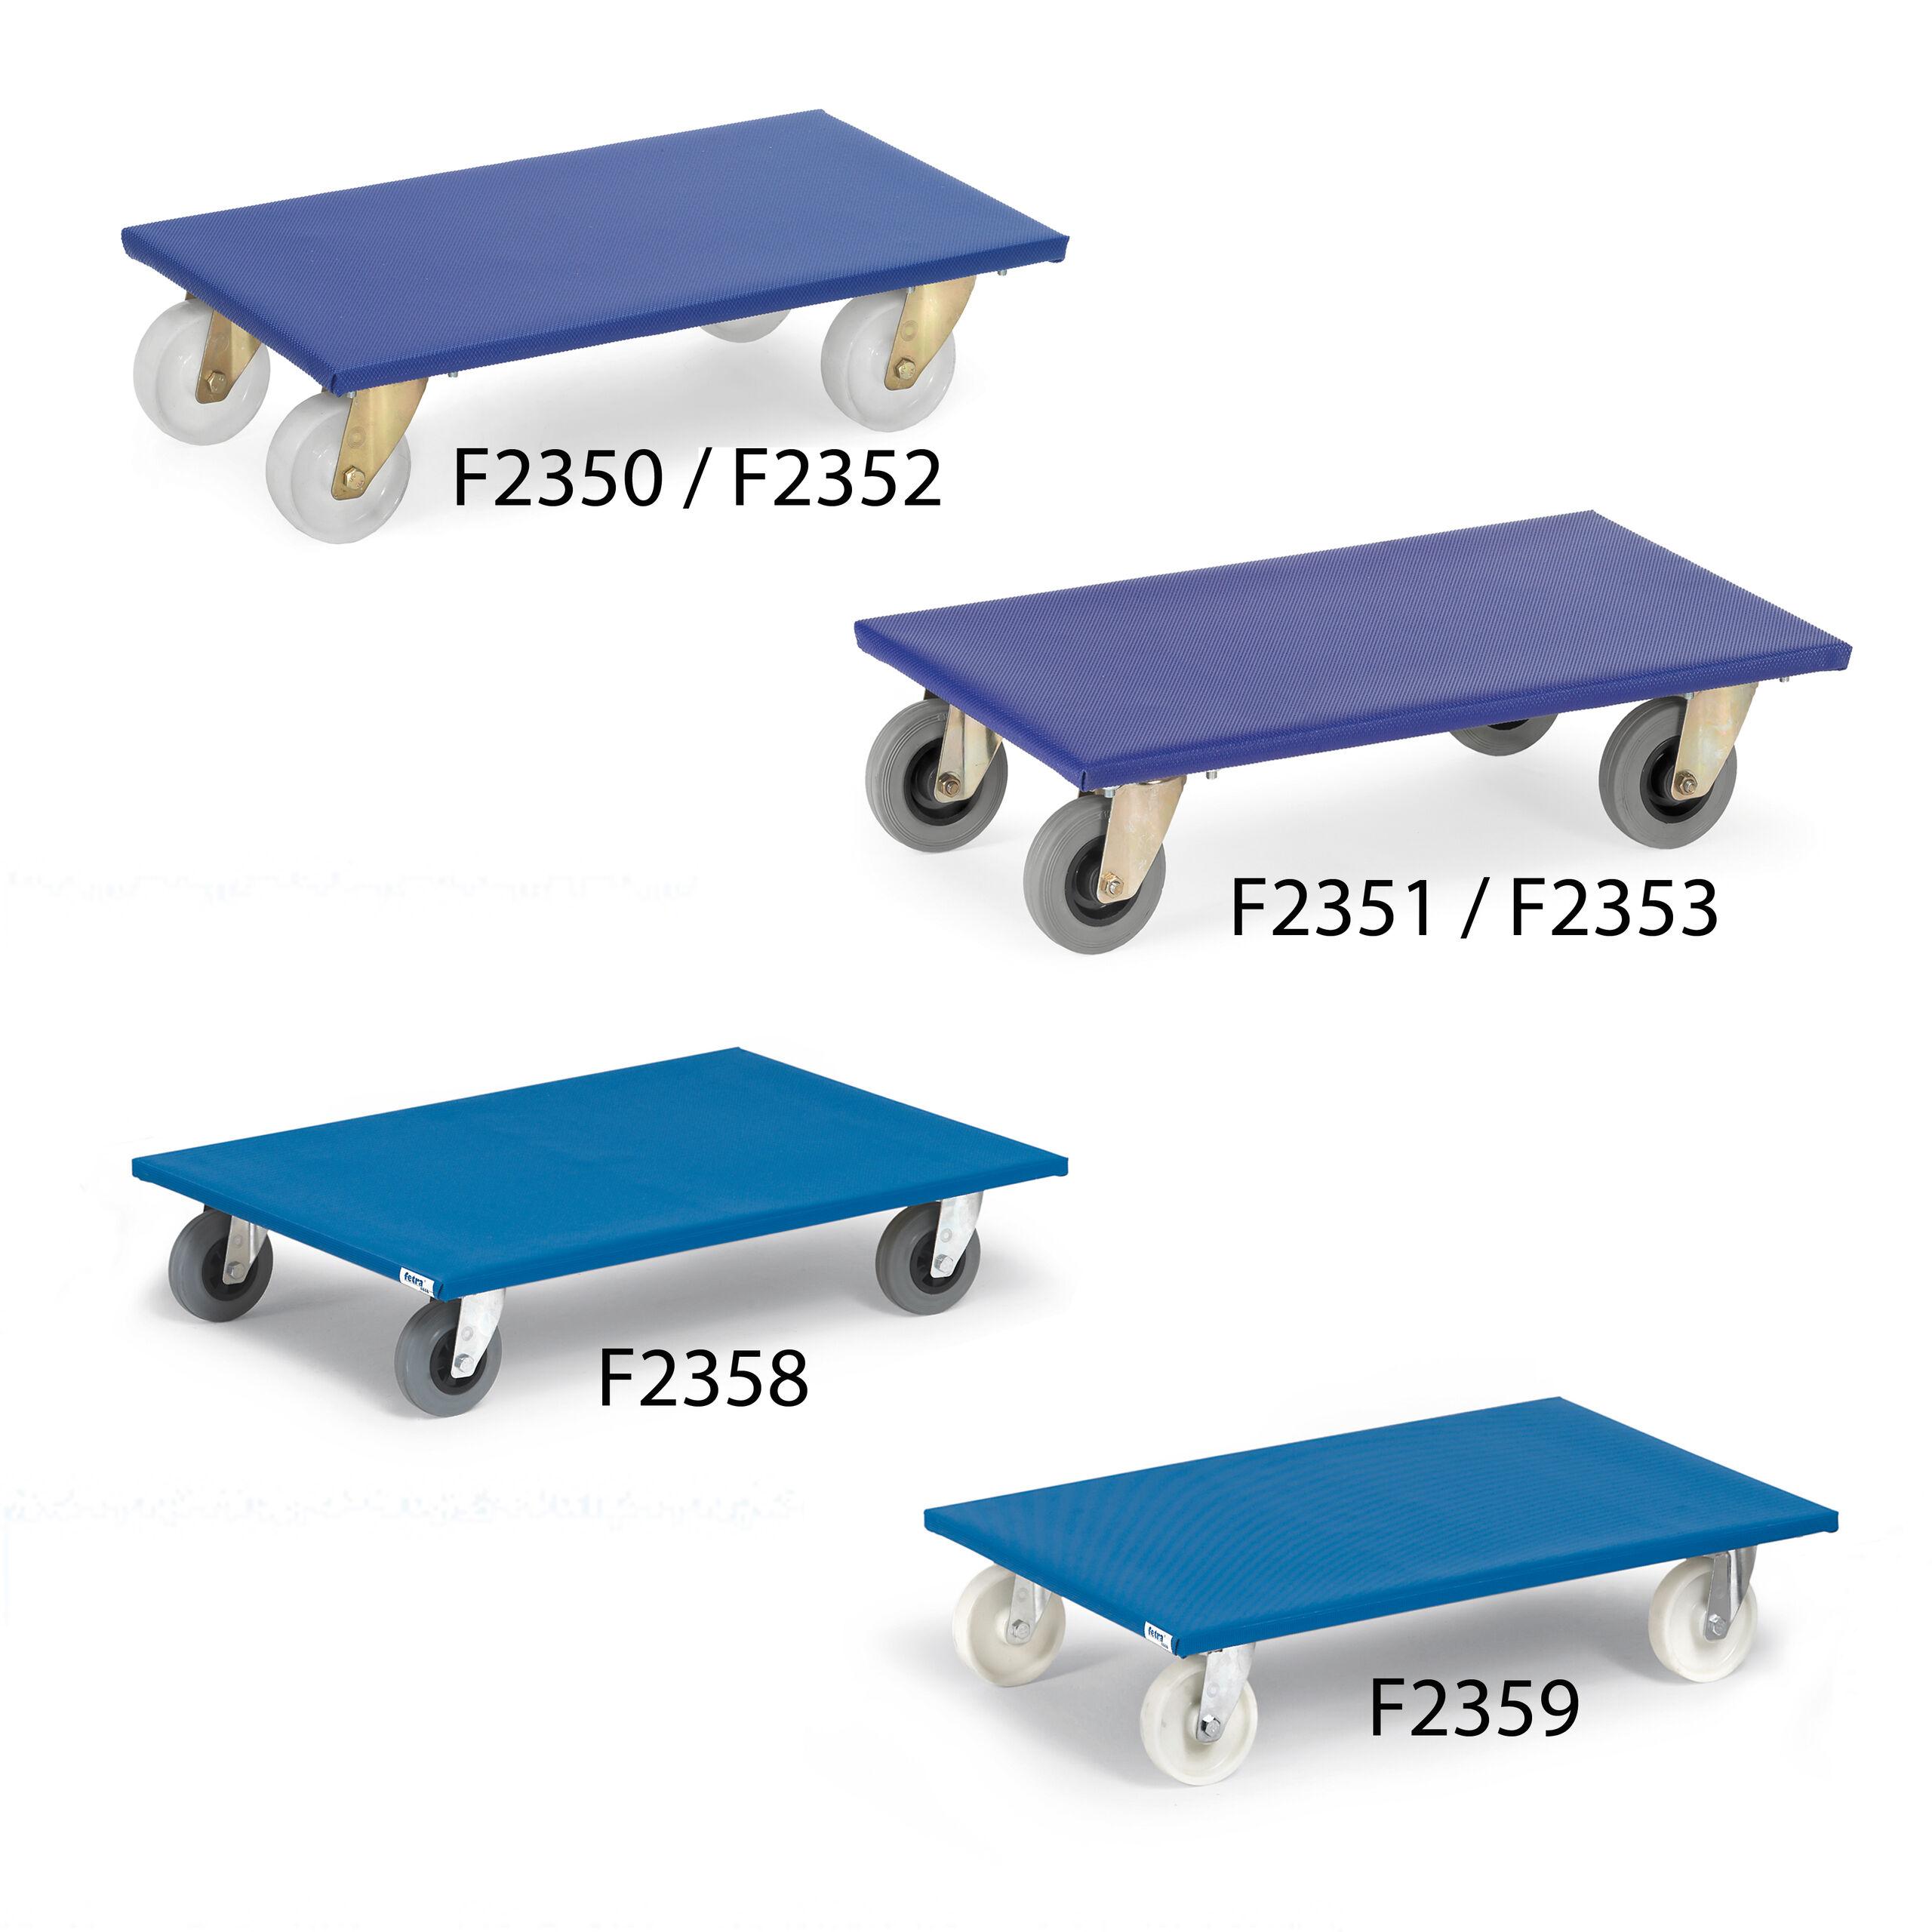 Möbelroller F2350 / F2352 / F2351 / F2353 / F2359 / F2358